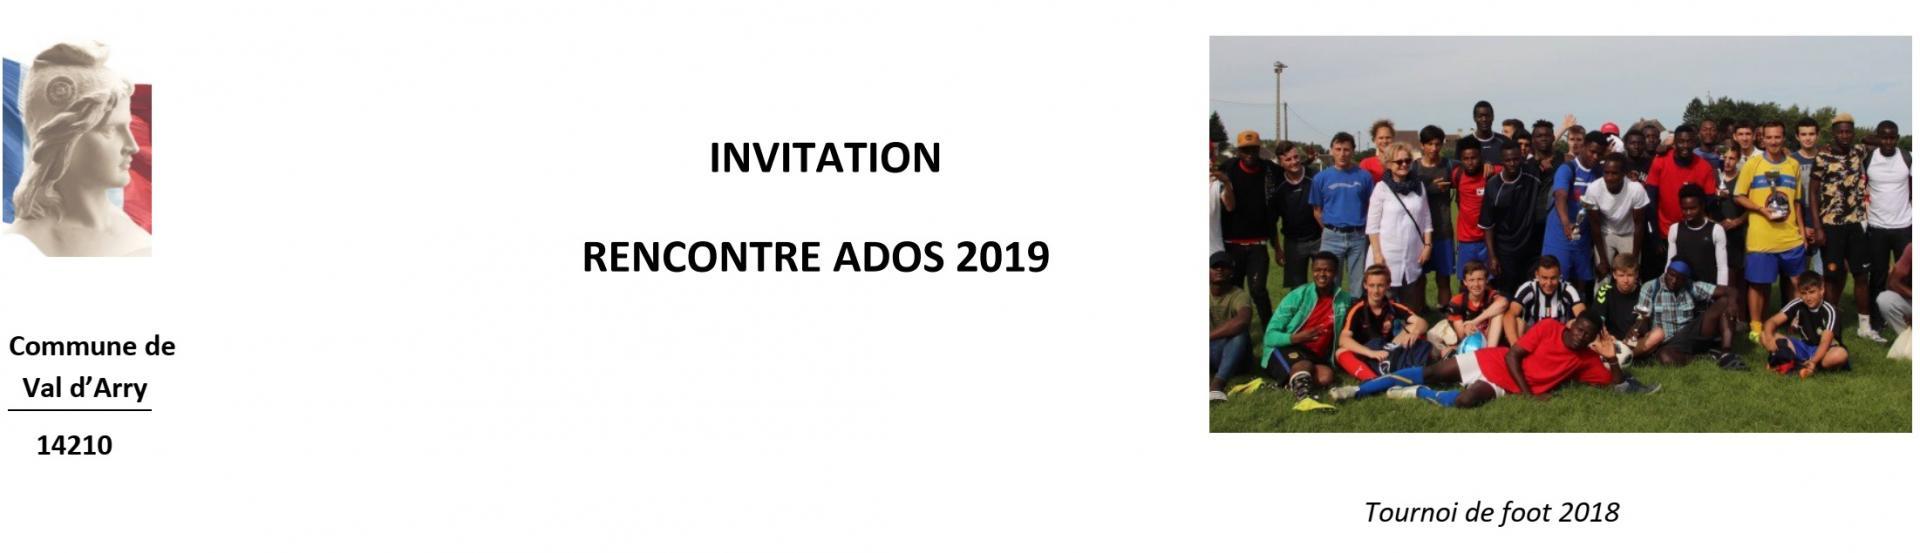 Rencontre ados 2019 header